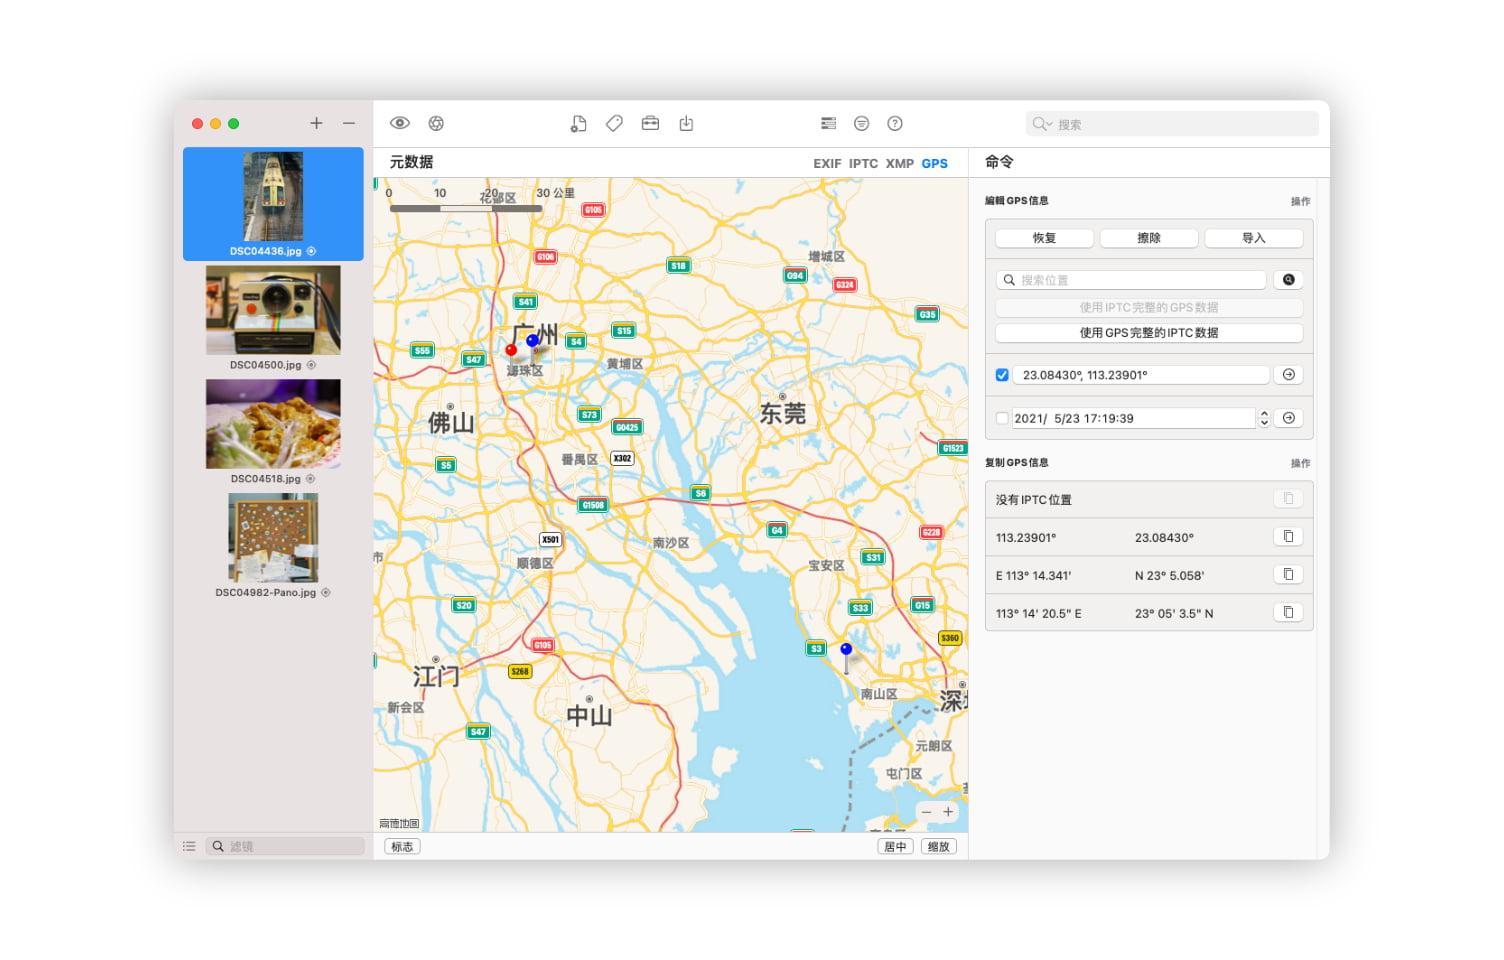 MetaImage-GPS 编辑